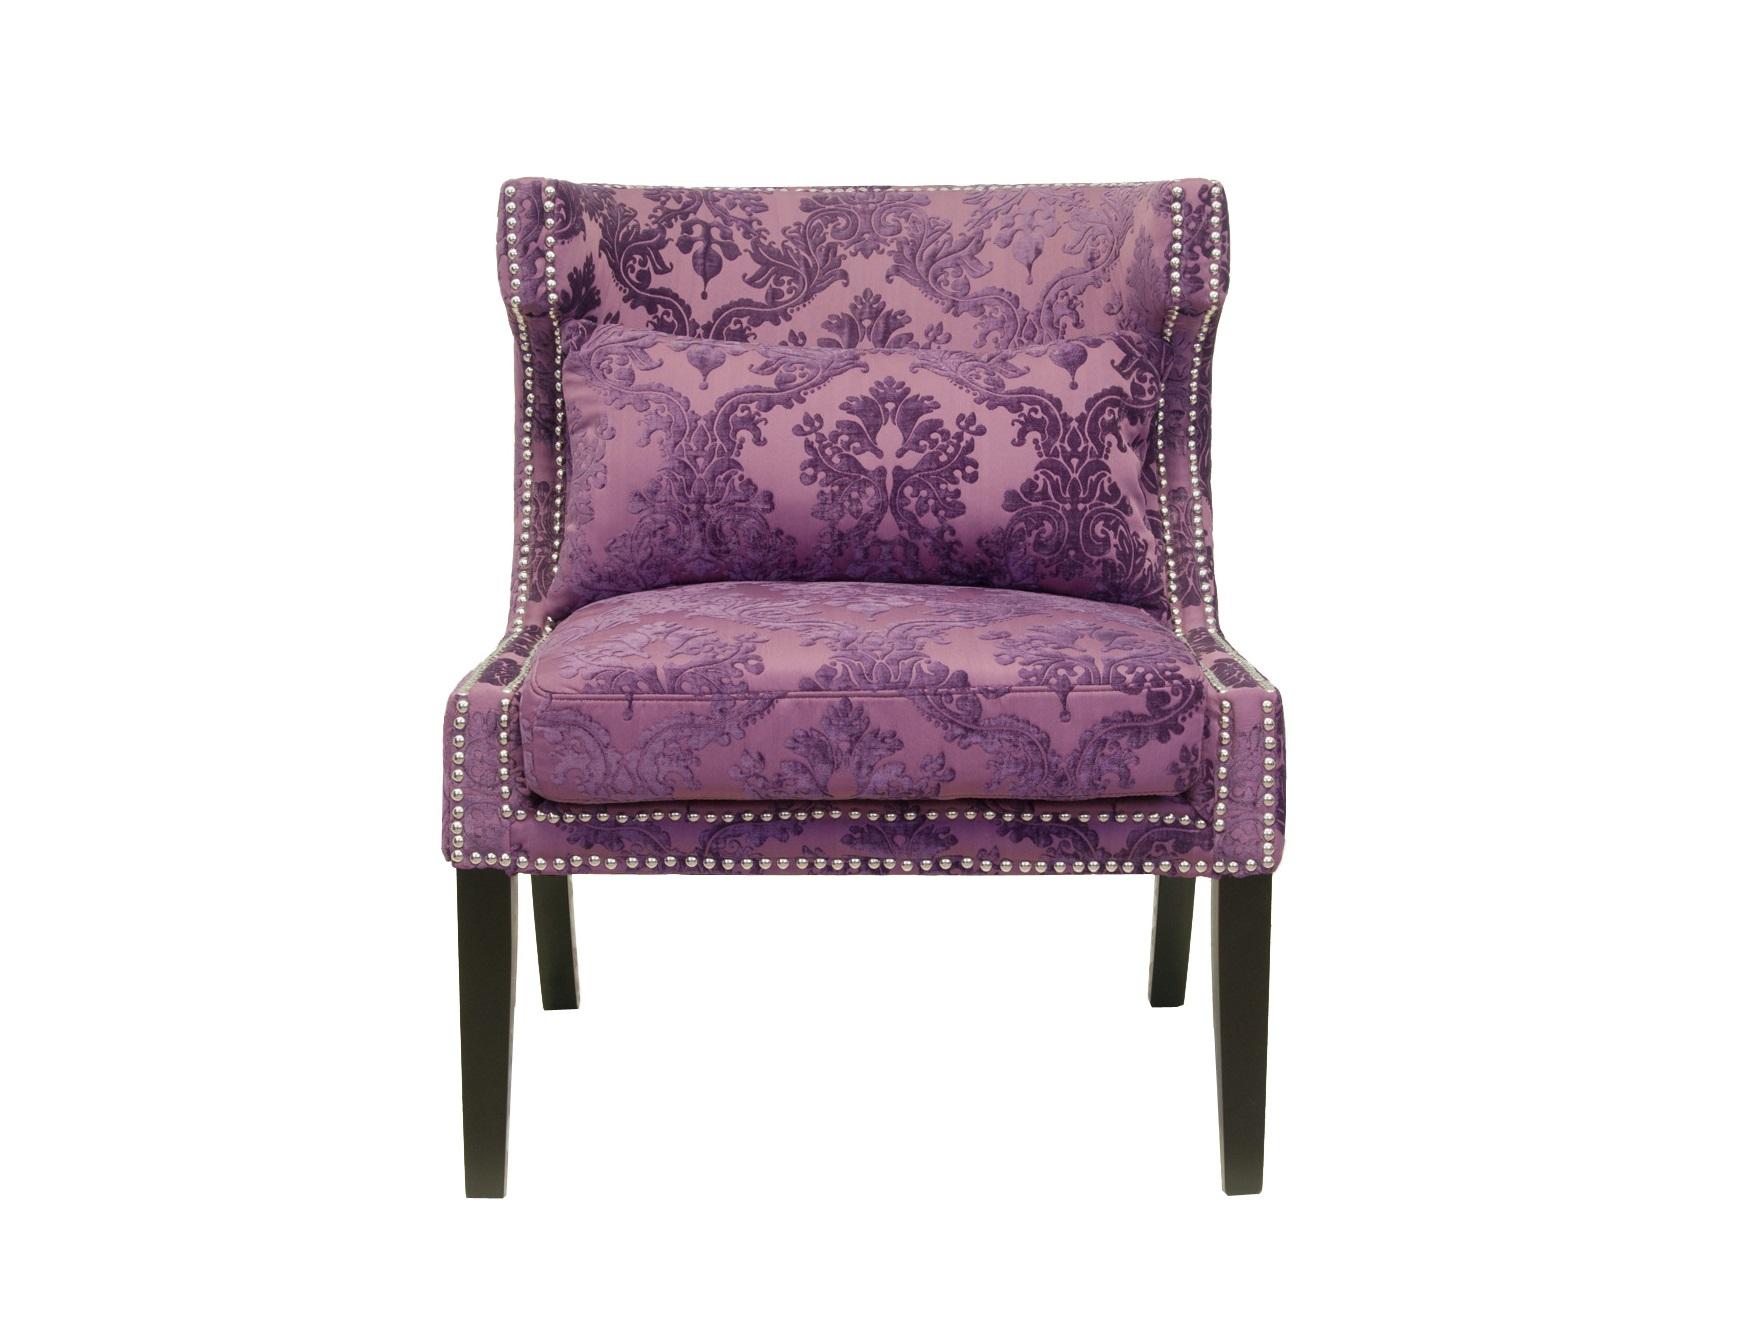 Кресло SuzaИнтерьерные кресла<br>Это роскошное кресло подарит Вашему дому шик и уют. Кресло Suza сразу же привлекает к себе внимание, оно прекрасно впишется практически в любое интерьерное решение и станет его красивым дополнением.&amp;amp;nbsp;<br><br>Material: Текстиль<br>Ширина см: 90<br>Высота см: 78<br>Глубина см: 72